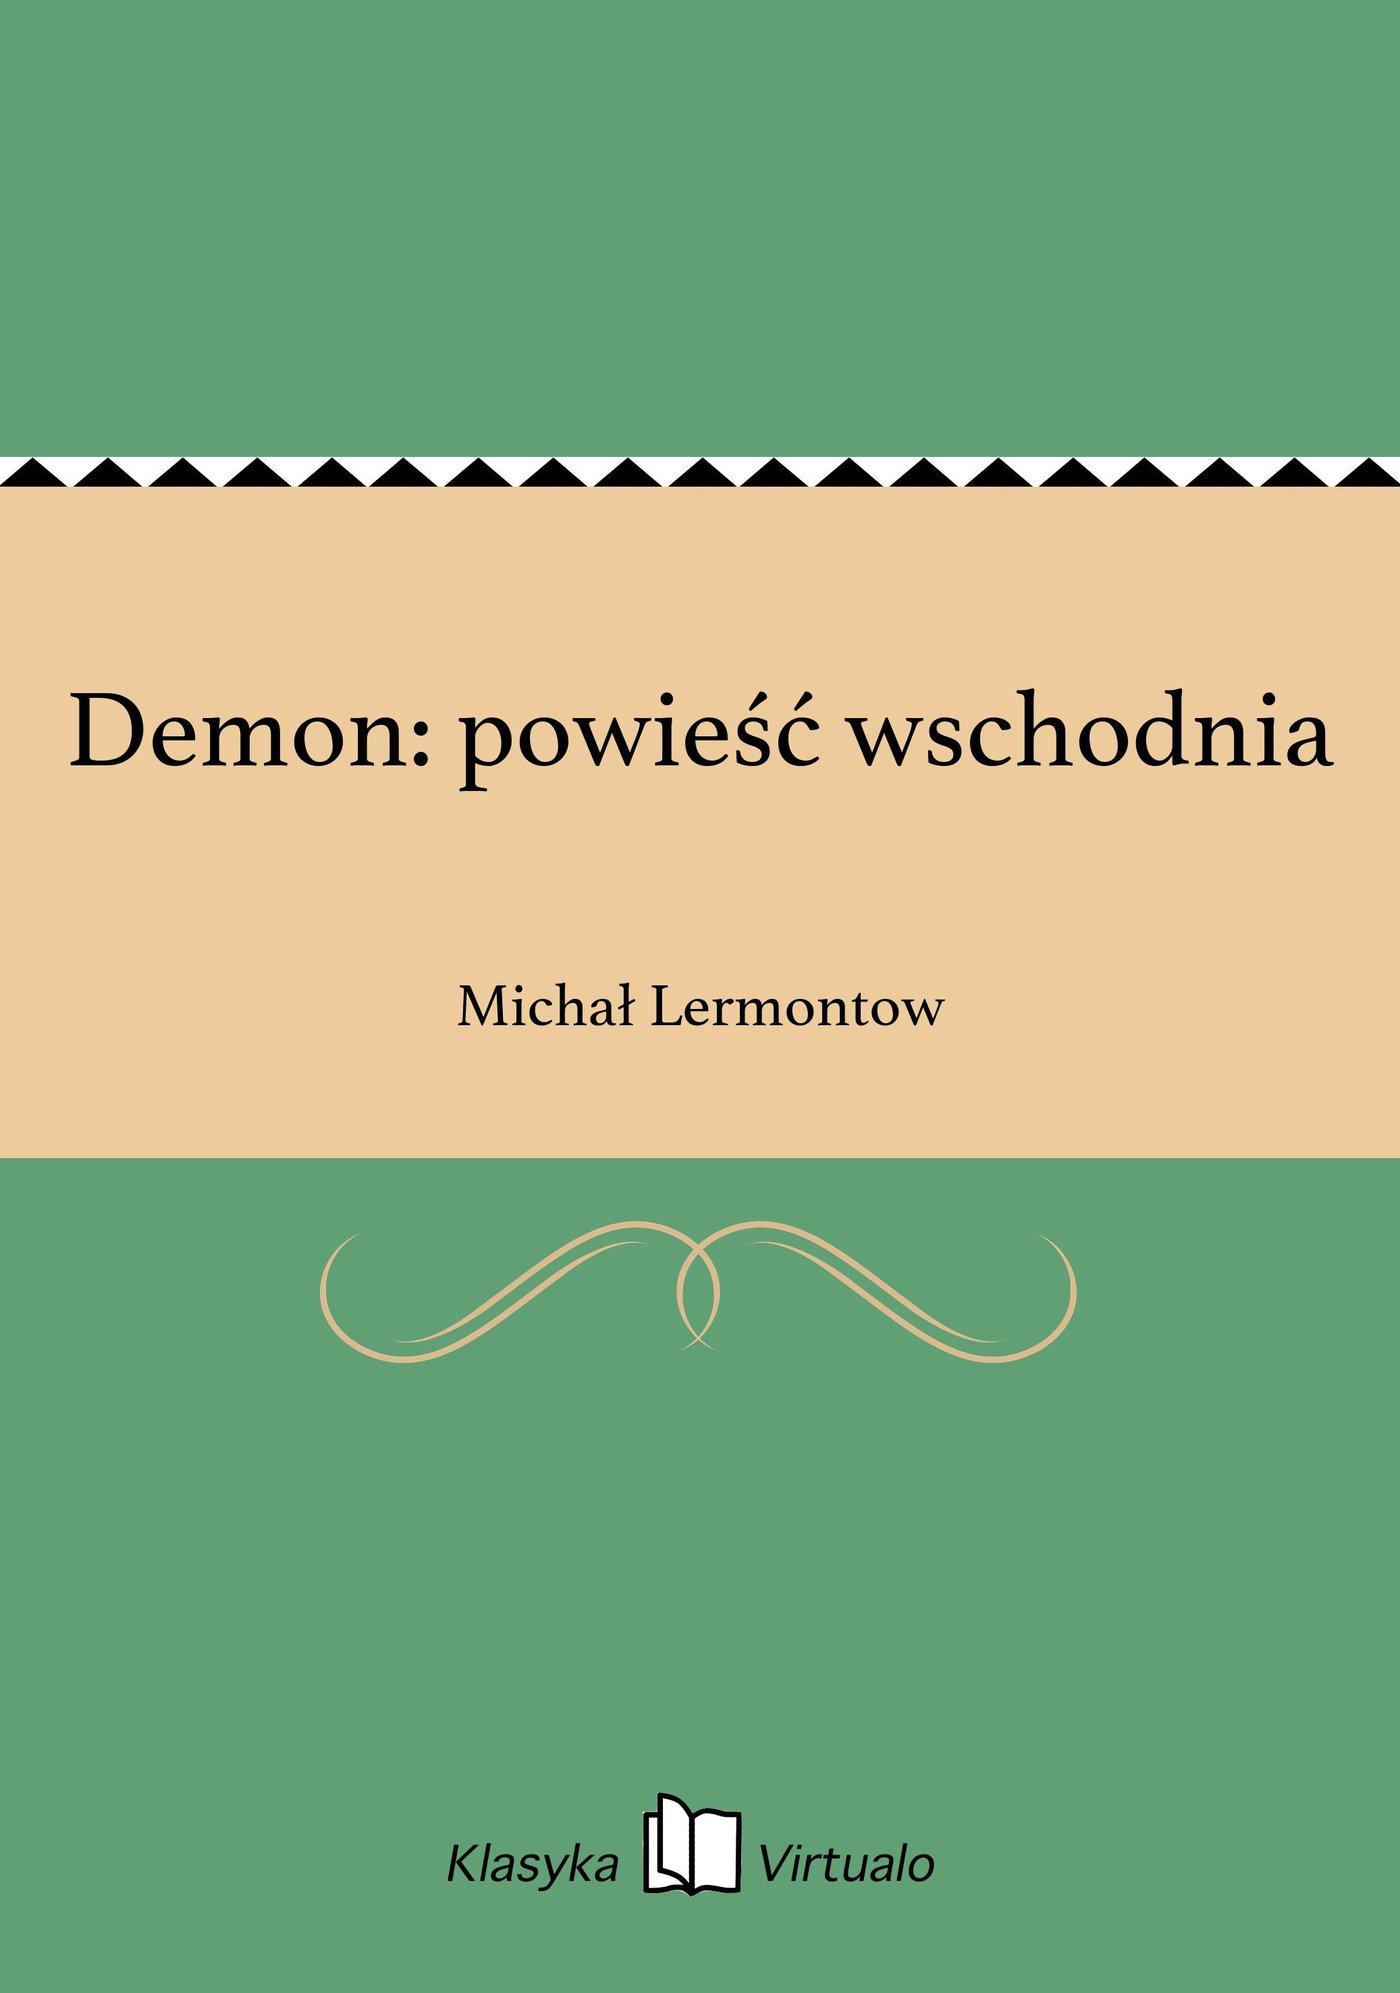 Demon: powieść wschodnia - Ebook (Książka EPUB) do pobrania w formacie EPUB